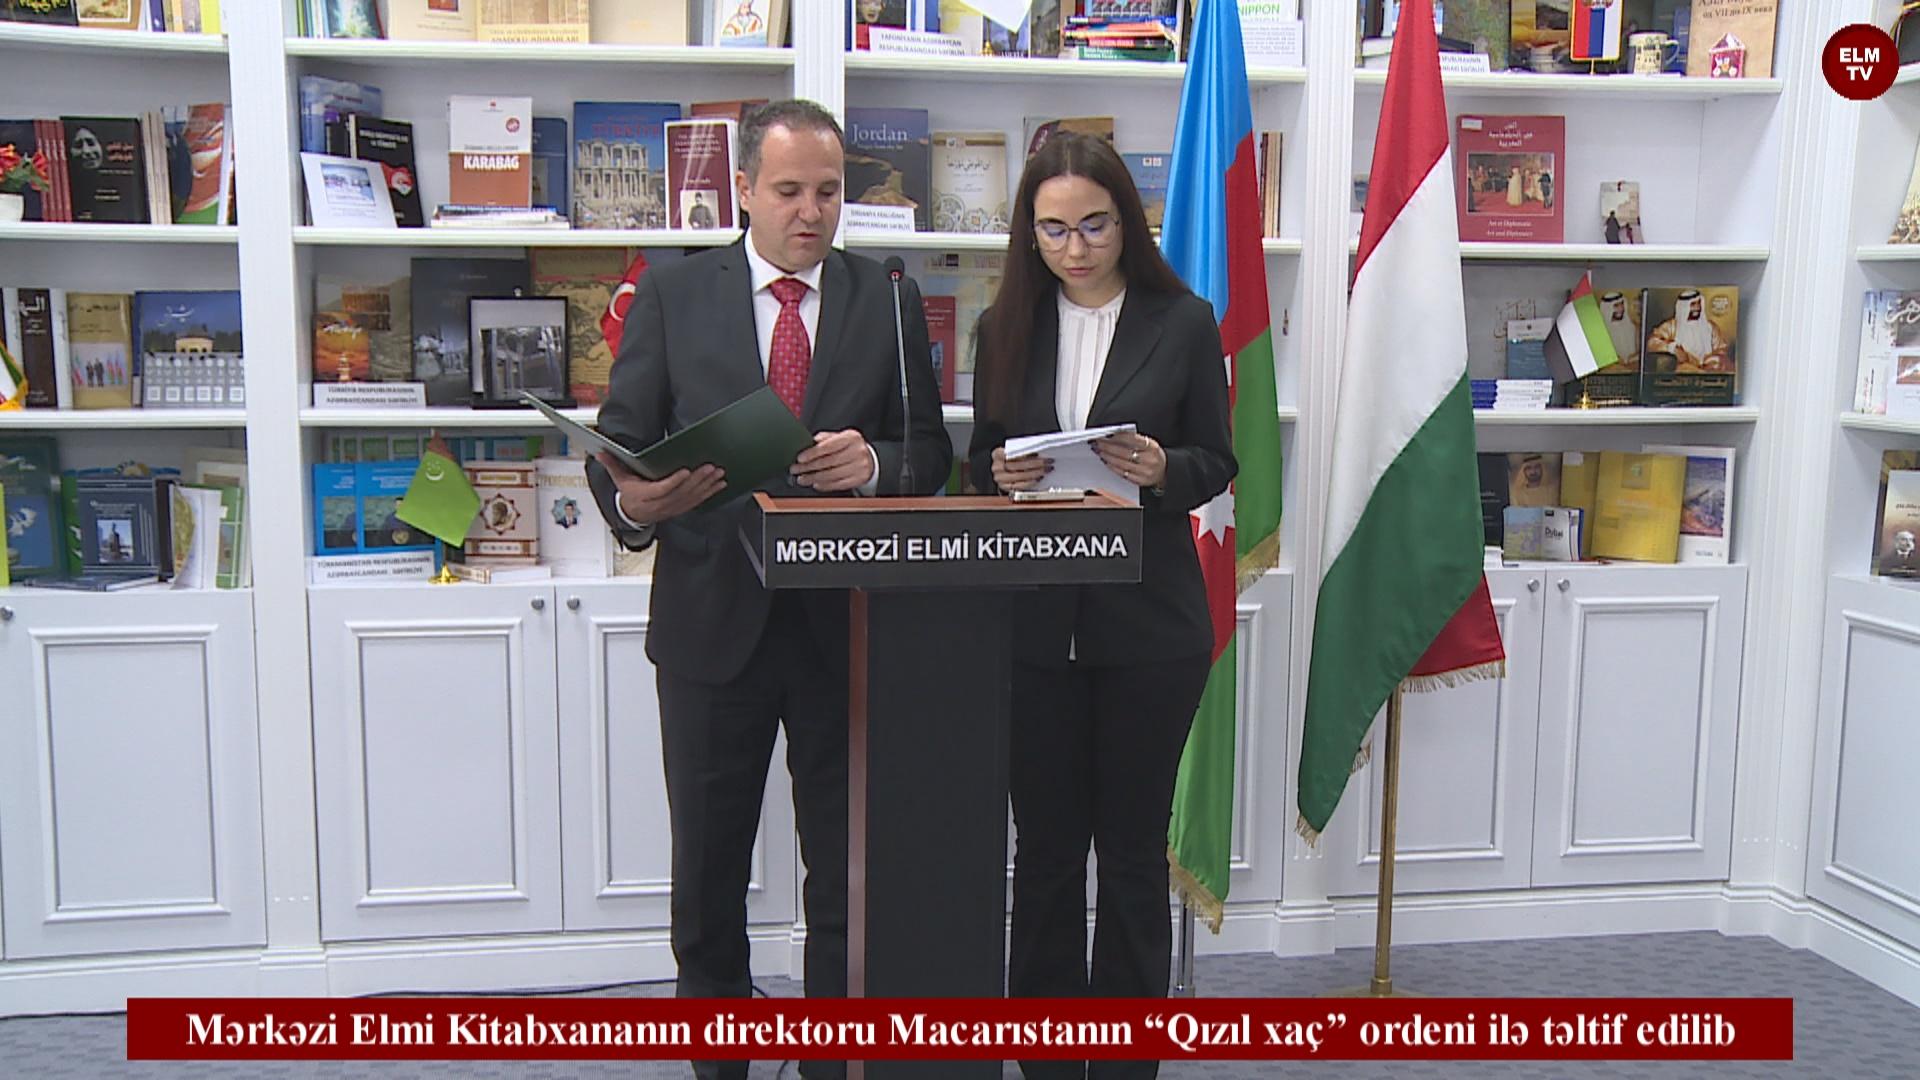 """Mərkəzi Elmi Kitabxananın direktoru Macarıstanın """"Qızıl xaç"""" ordeni ilə təltif edilib"""